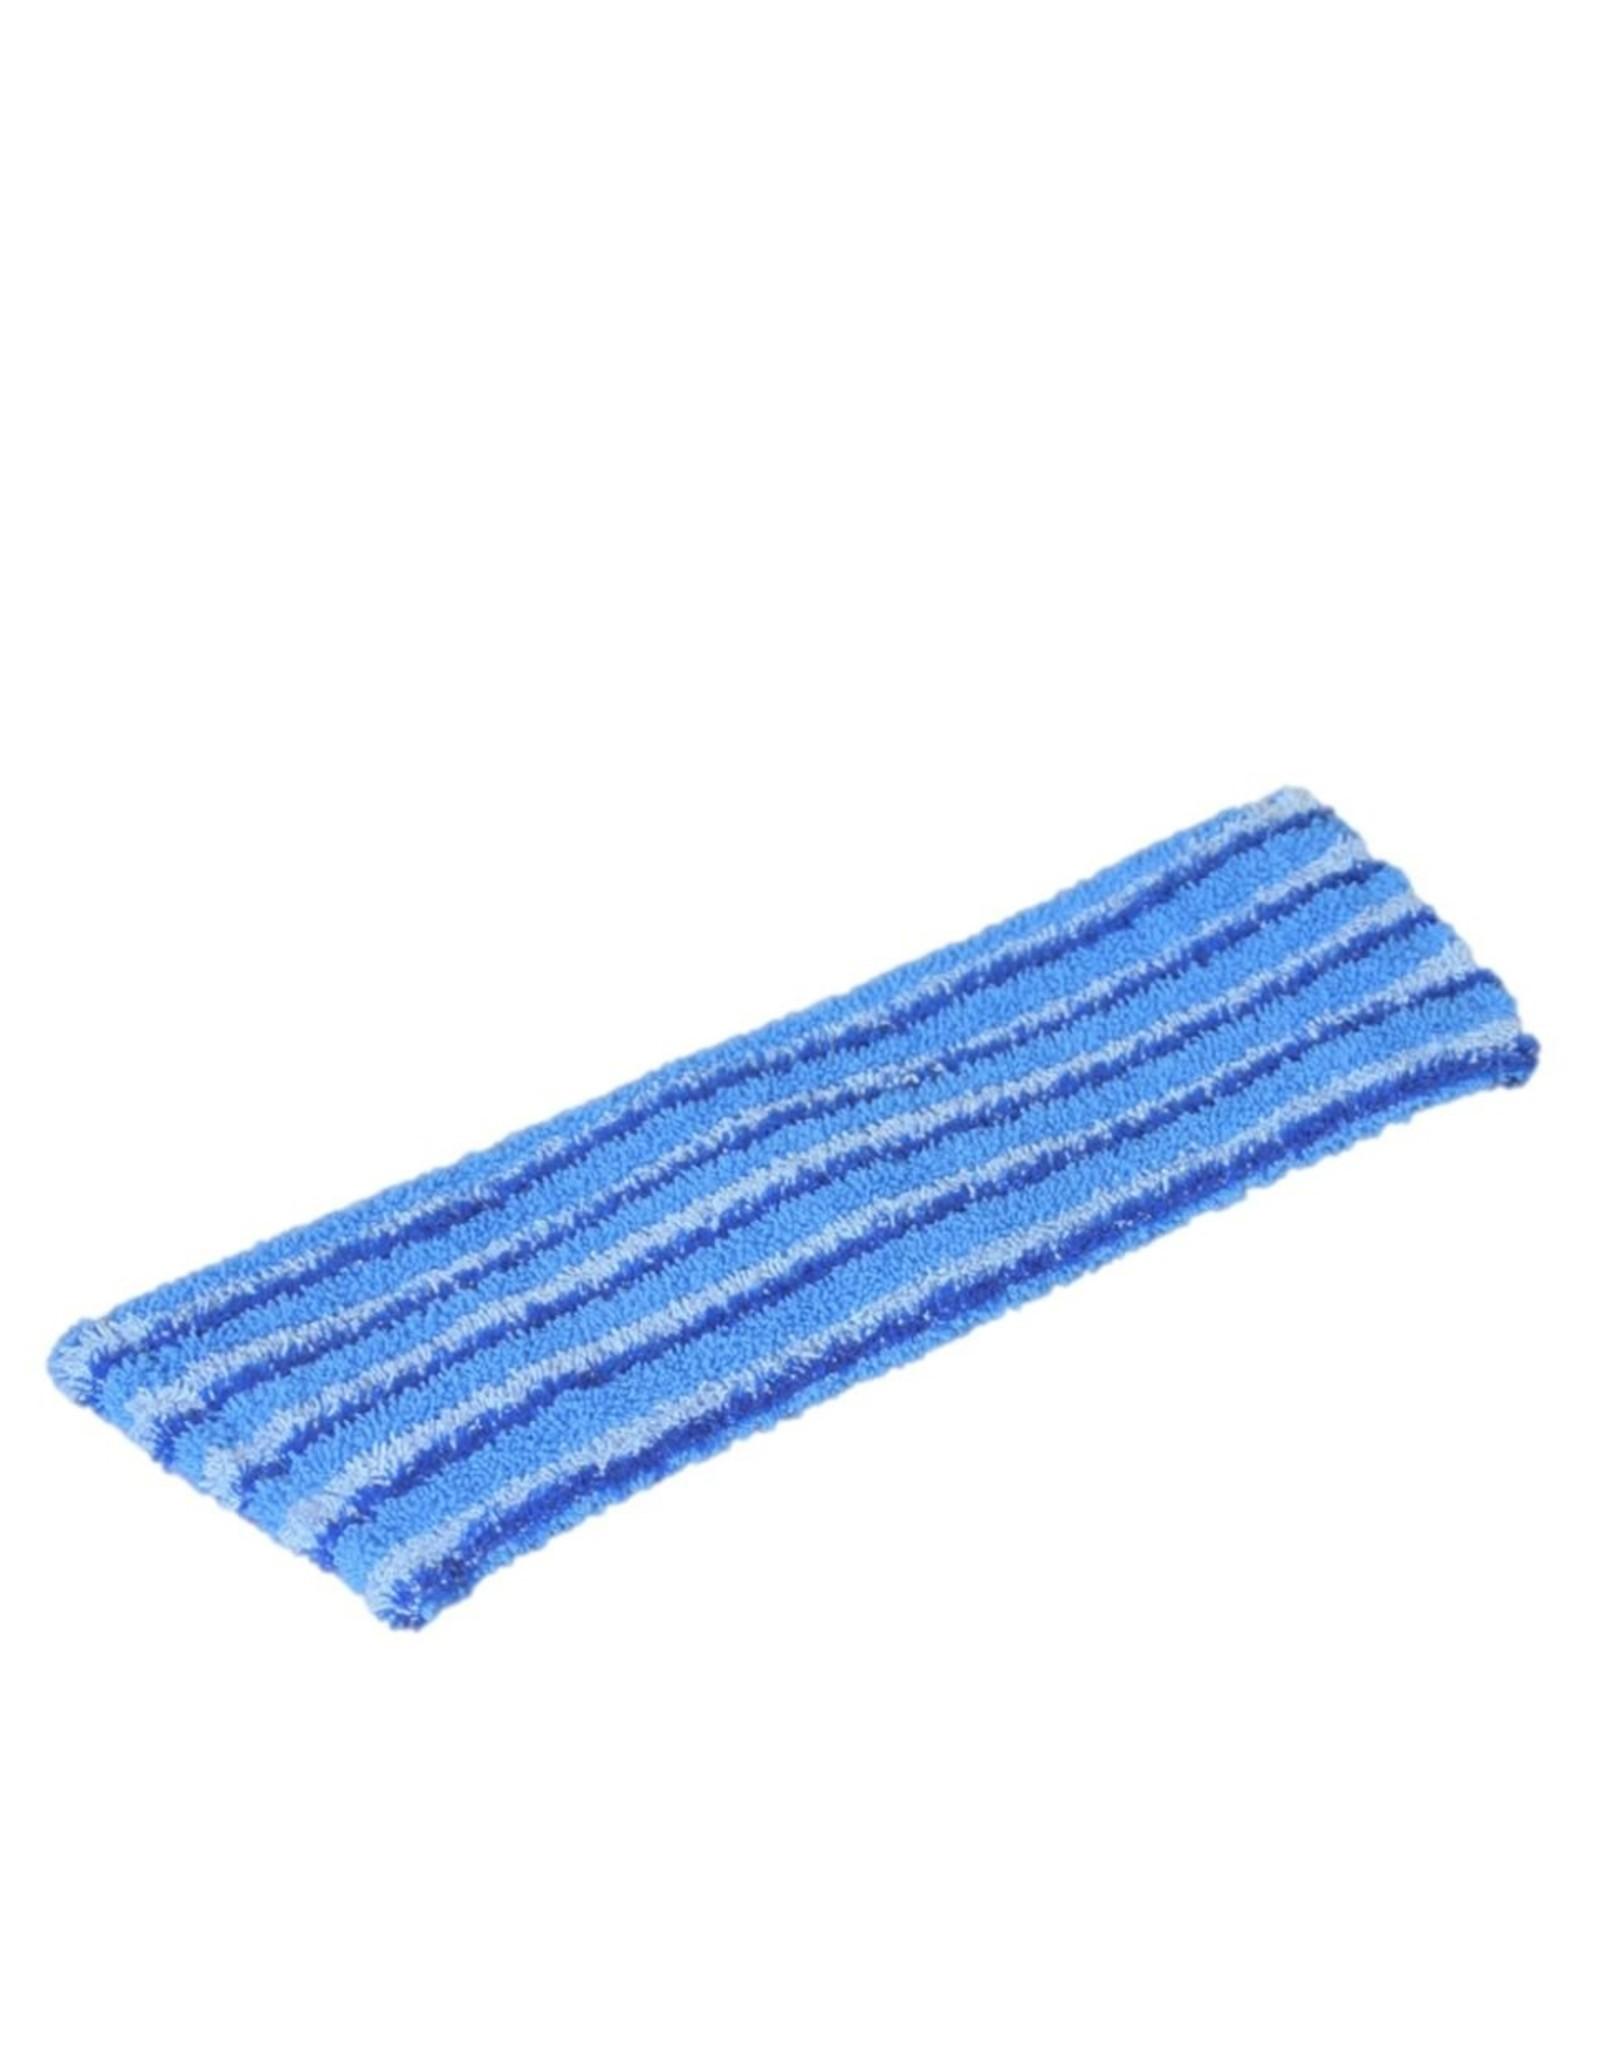 Acor HYGYEN 3T MF scrubmop blauw, voor velcro-houder 41cm